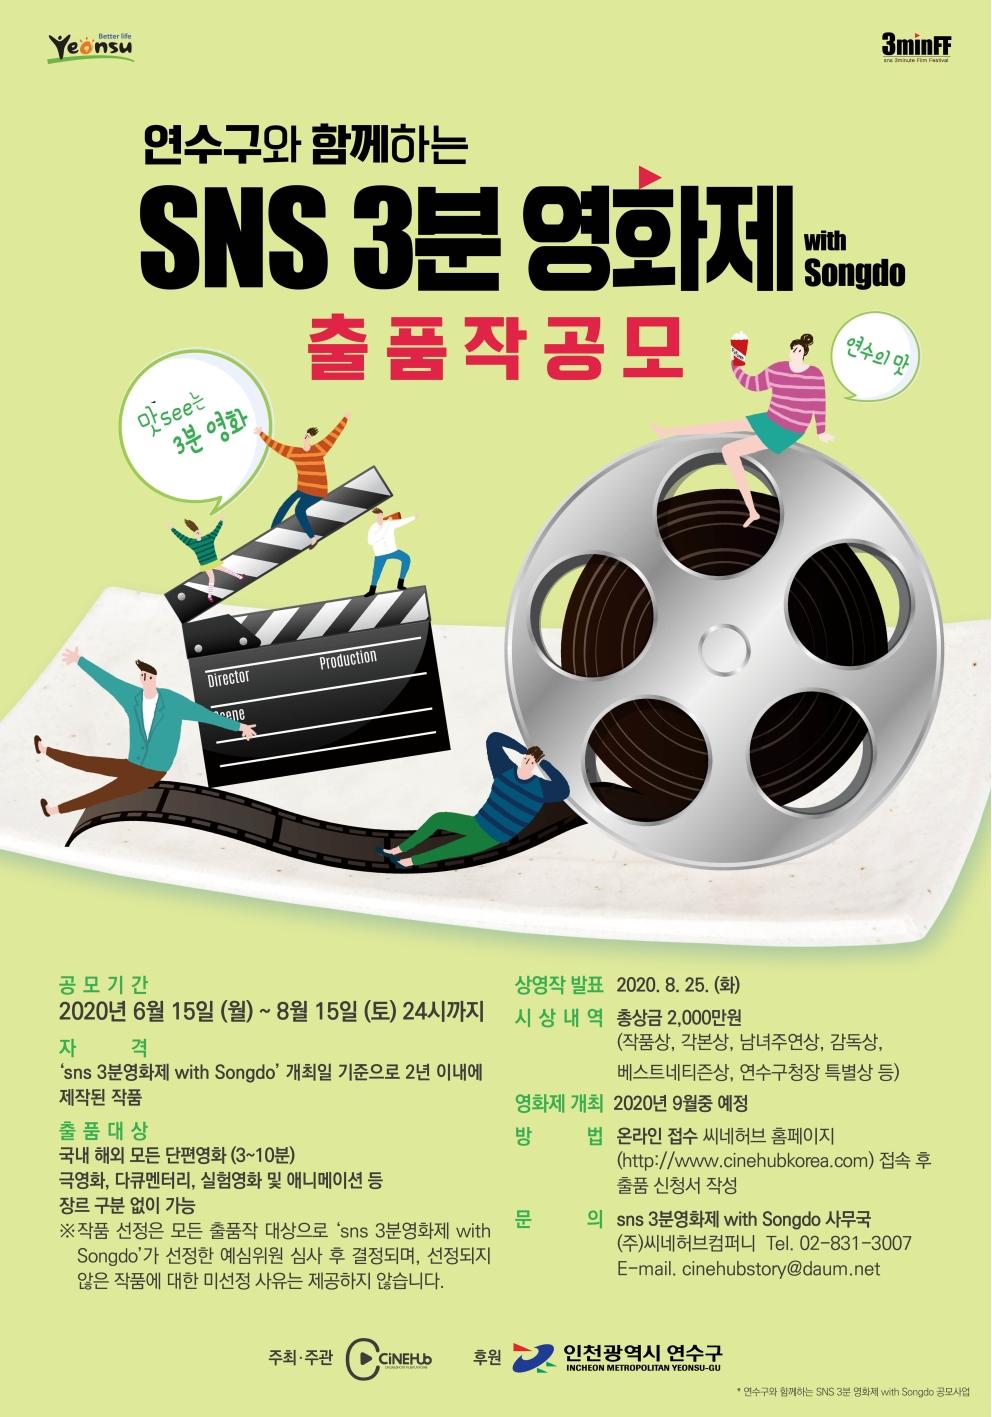 연수구와 함께하는 SNS 3분영화제 with Songdo 출품작 공모의 1번째 이미지